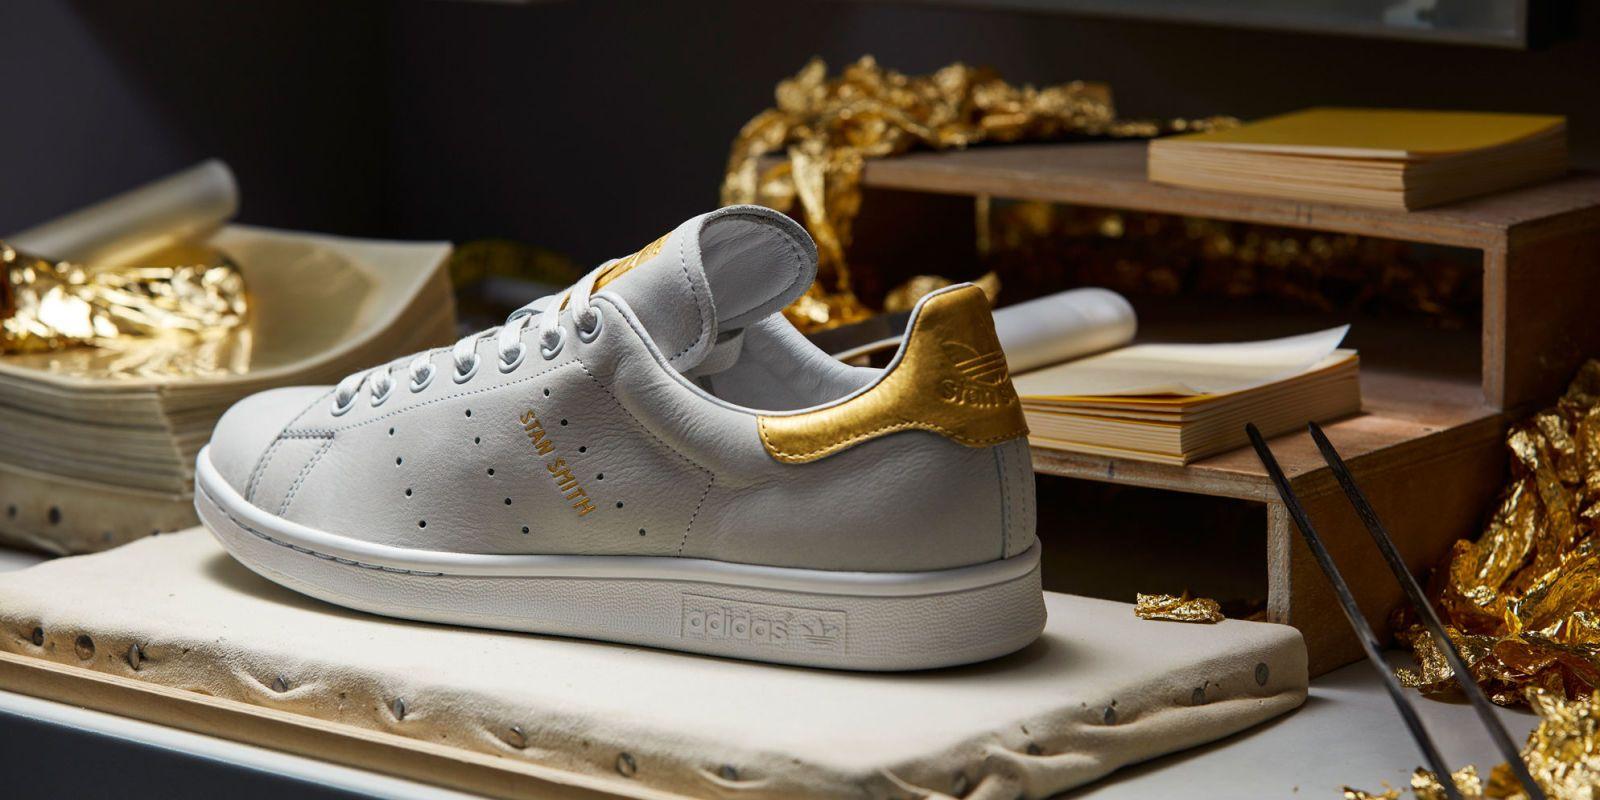 comprare a poco prezzo d'oro, scarpe adidas > fino a off64% discountdiscounts